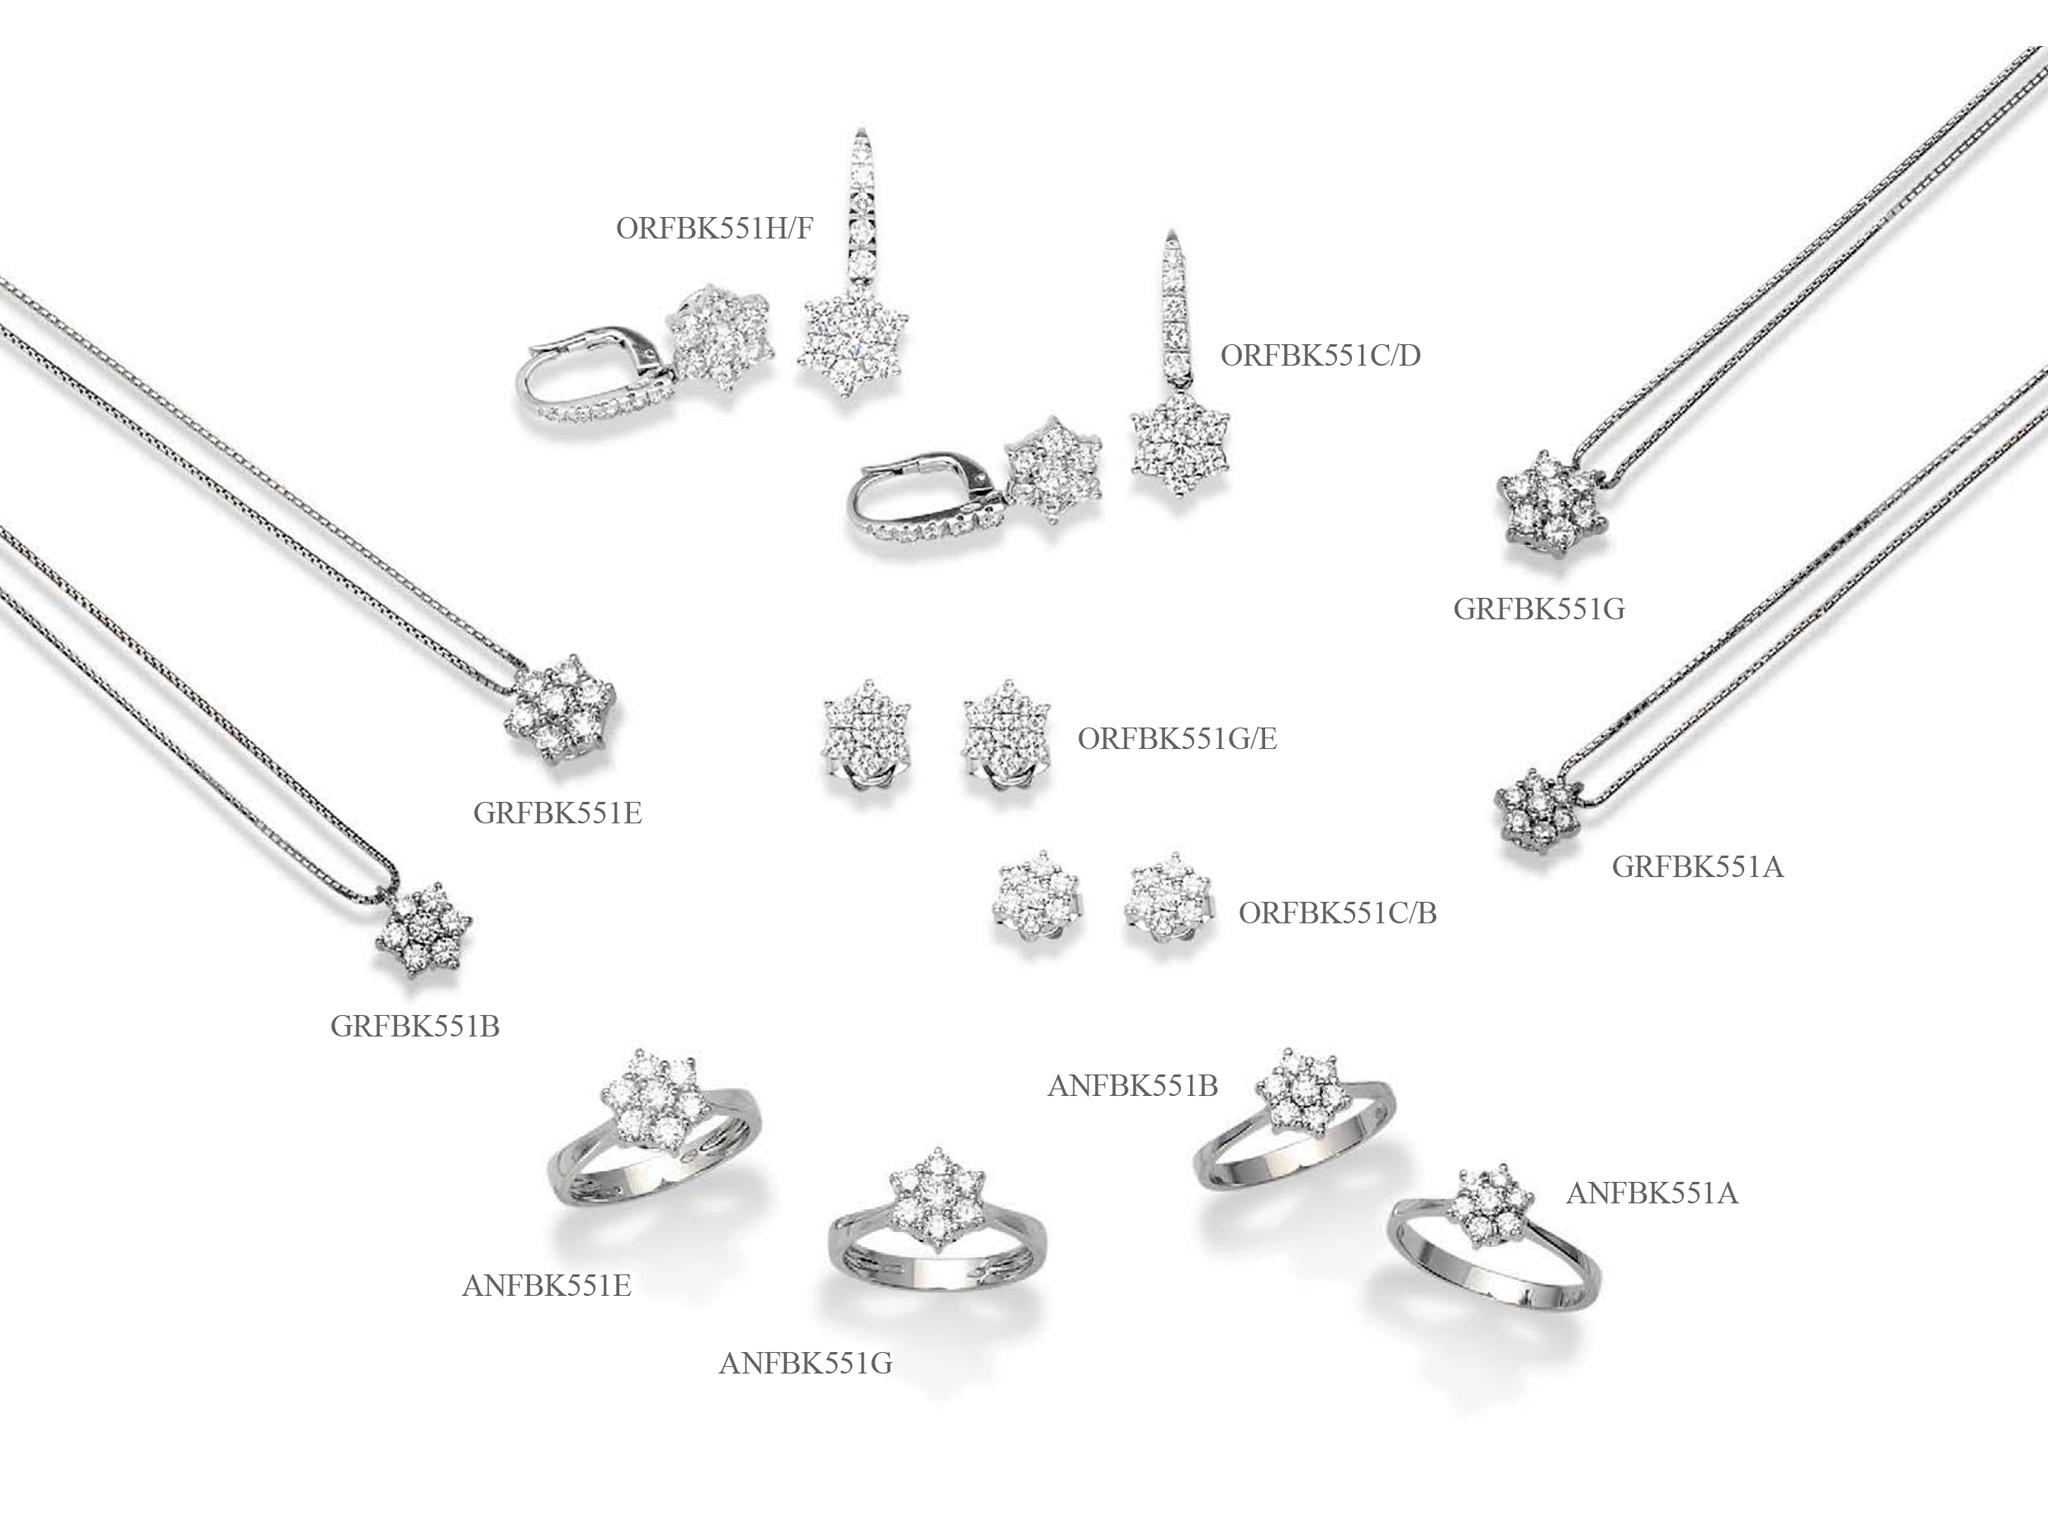 diamanti_pagina_11_app